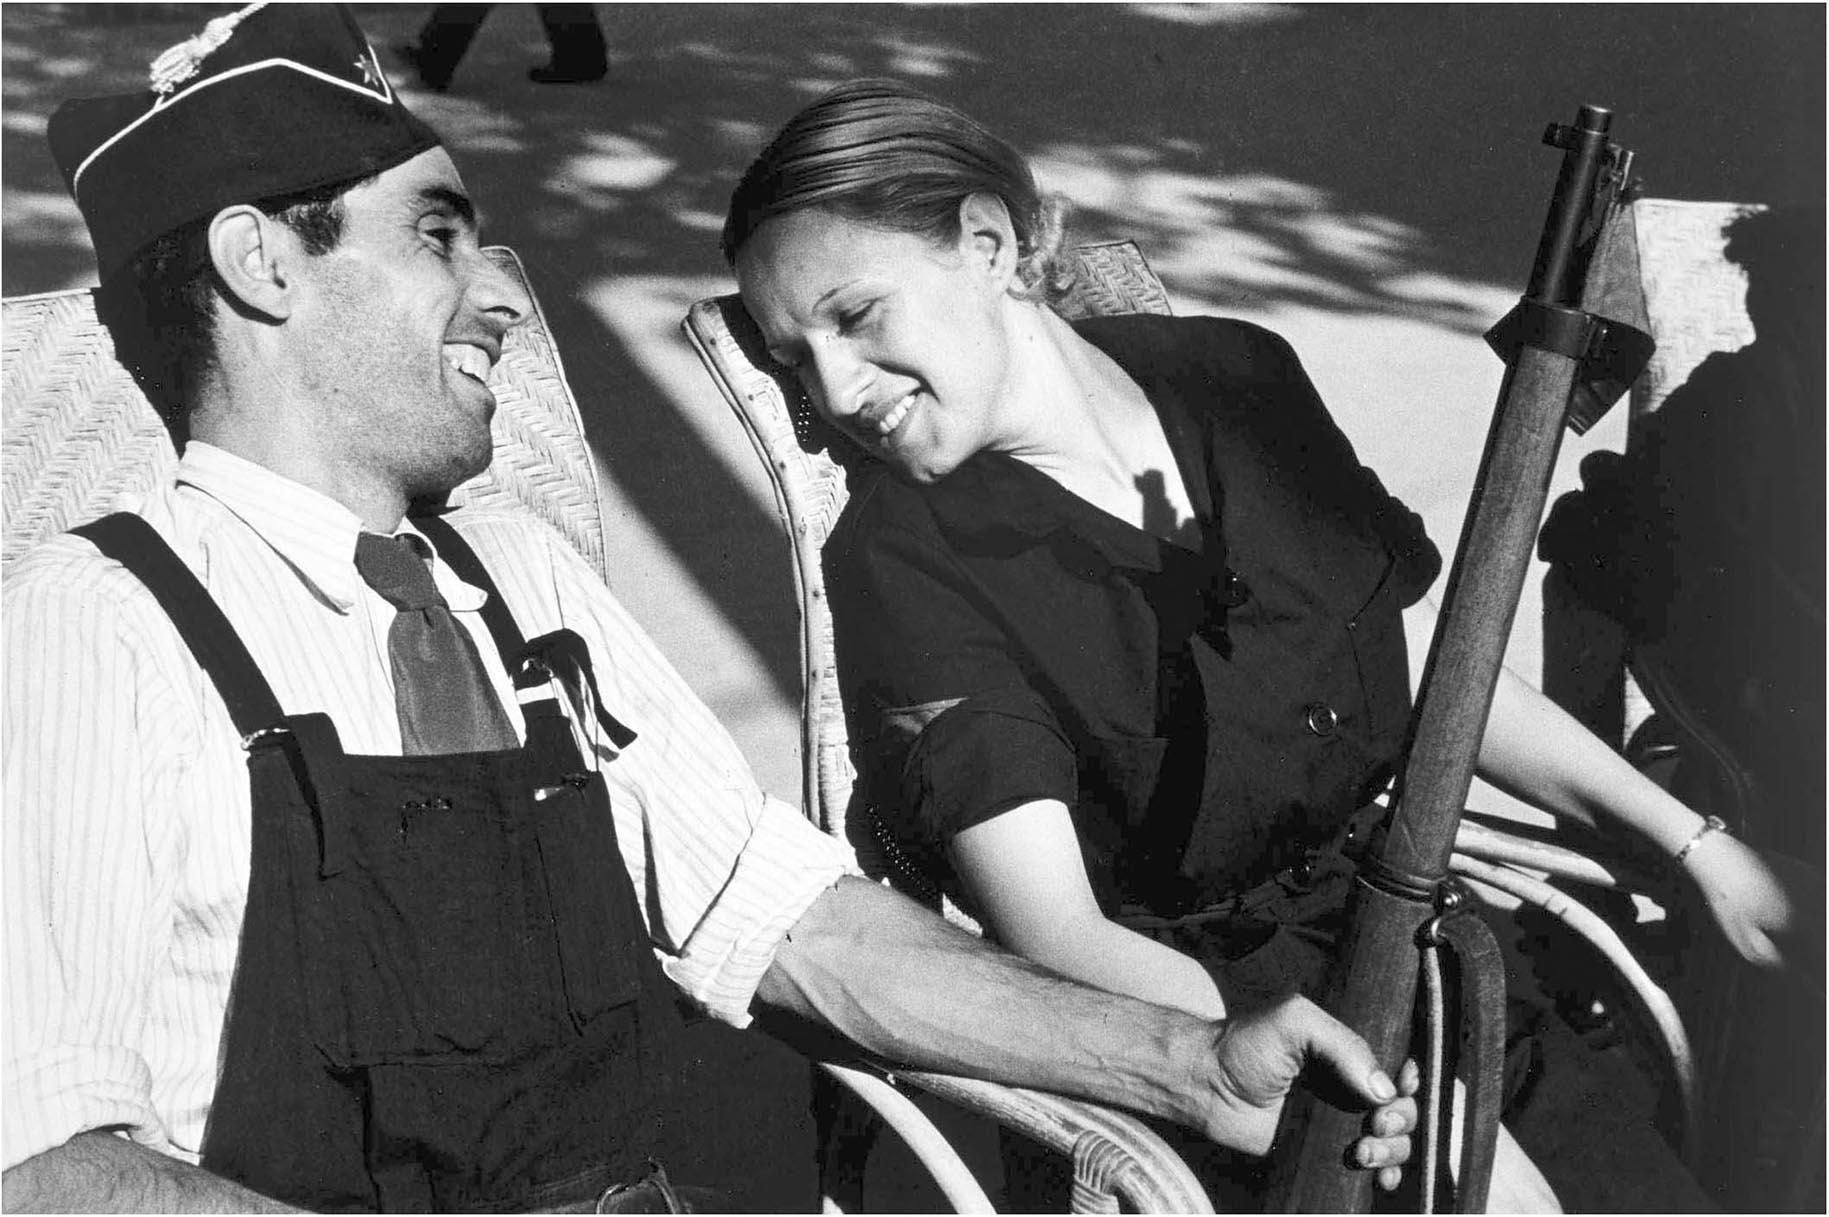 La obra de Robert Capa no solo muestra las atrocidades de guerra, sino la vida de la gente en su cotidianeidad (Robert Capa)